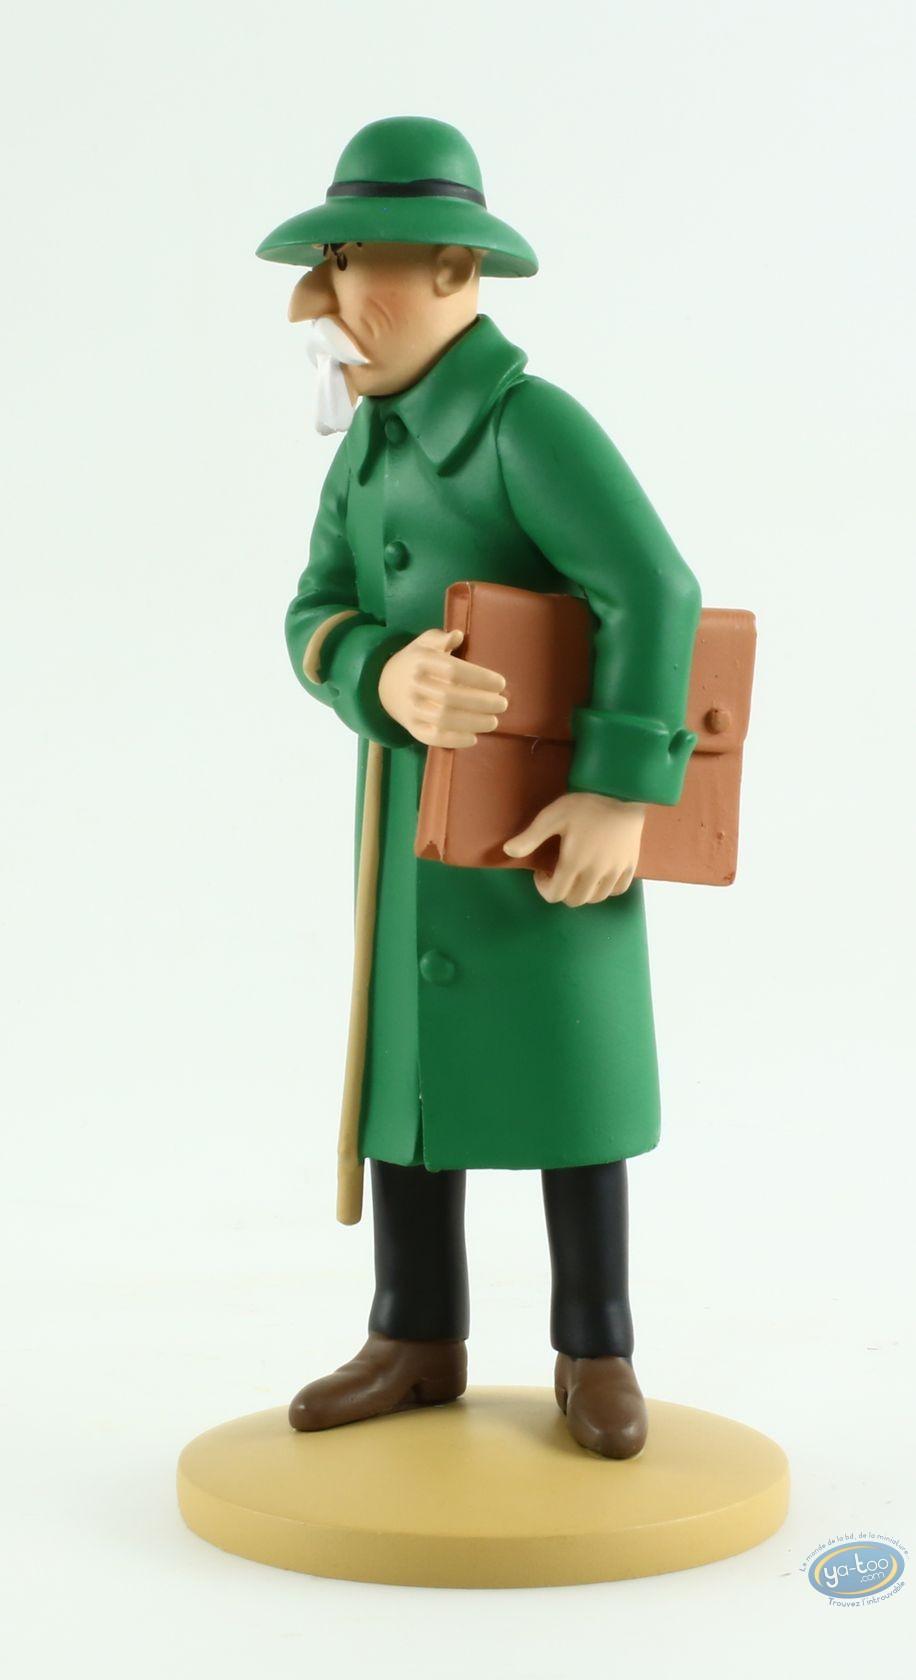 Statuette résine, Tintin : Basil Bazaroff, le marchand de canons, L'oreille cassée Page 34